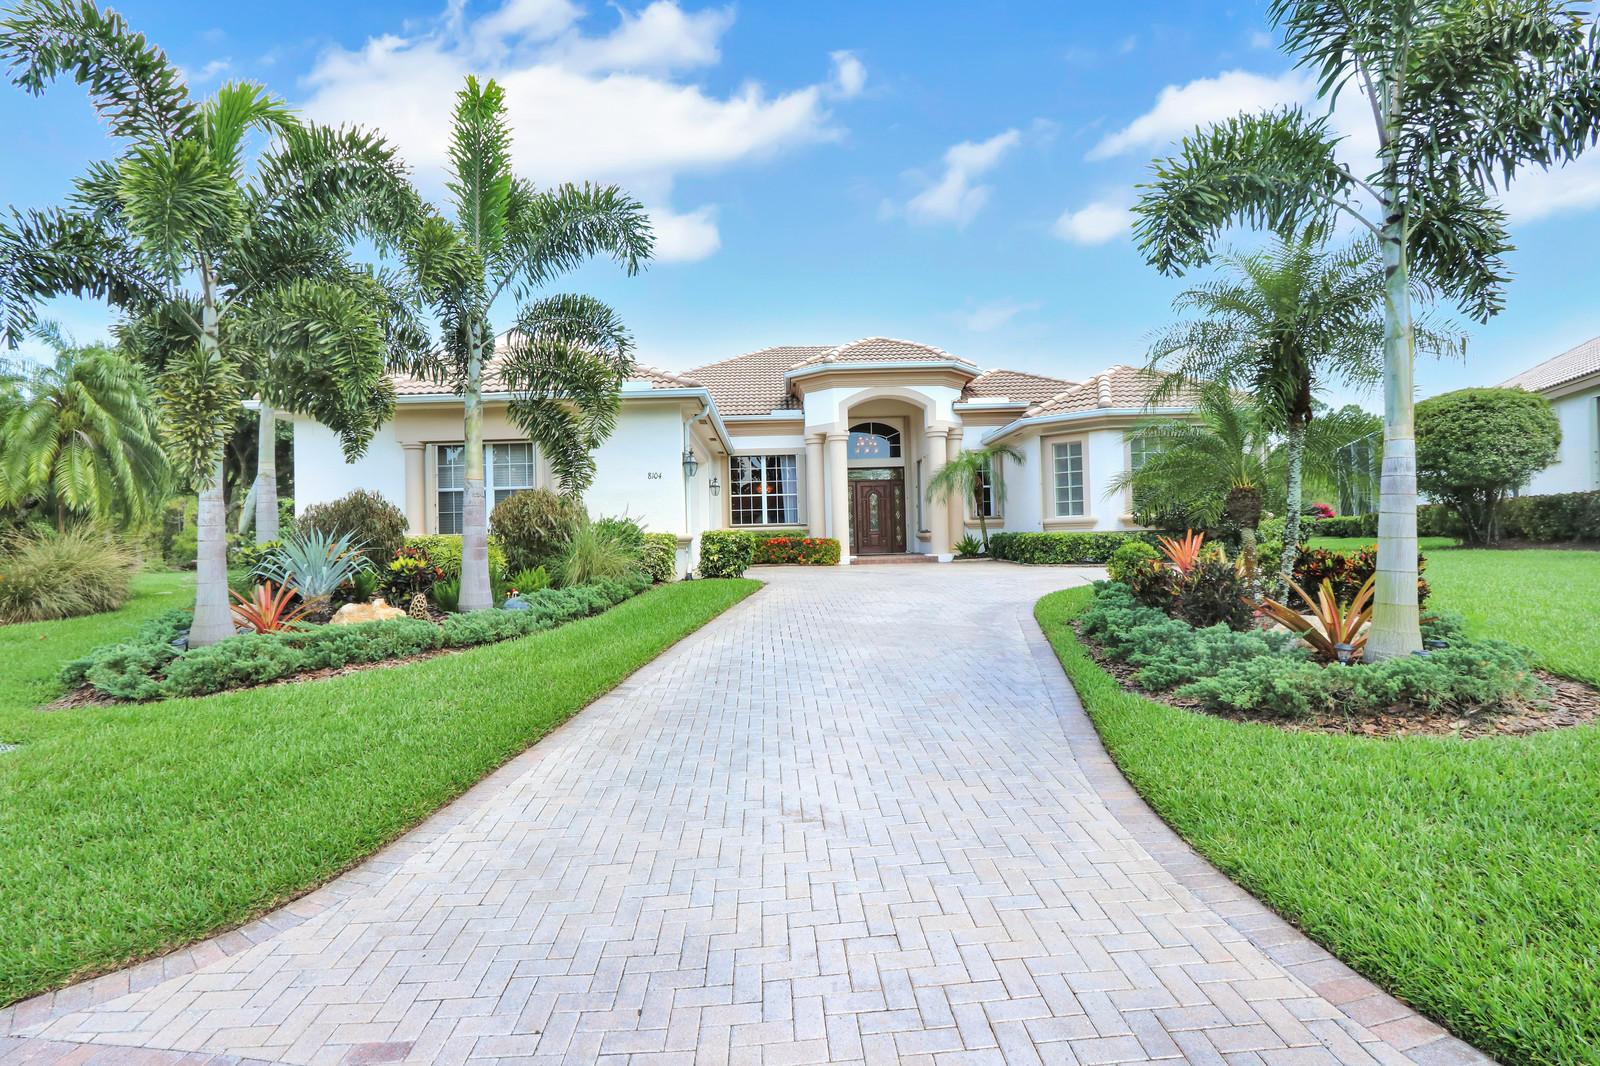 8104  Alister Place, Port Saint Lucie, Florida